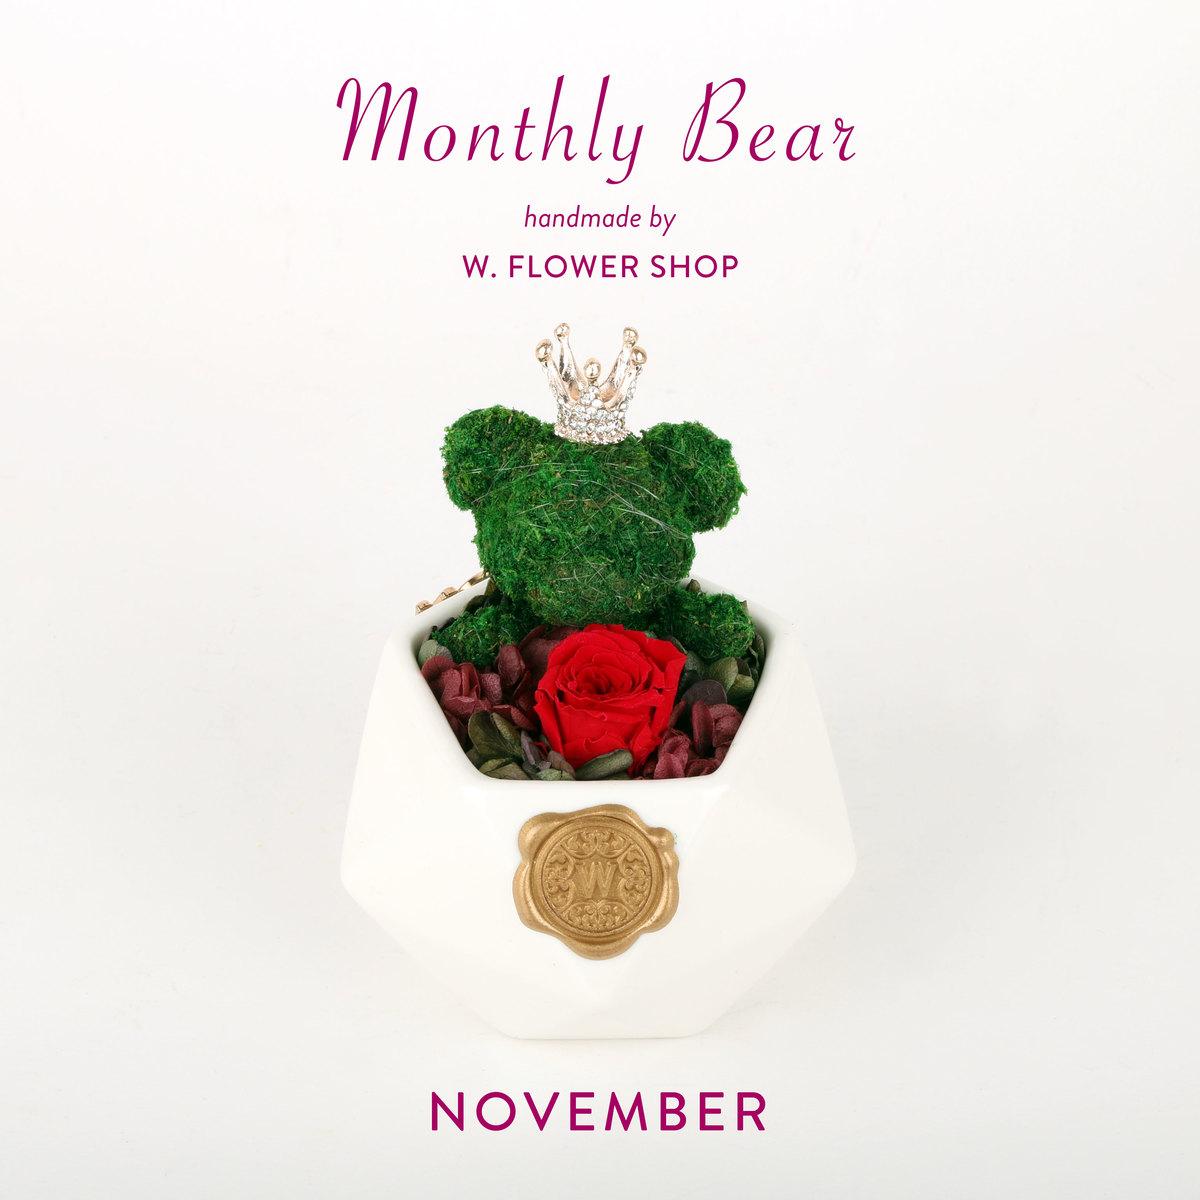 MONTHLY BEAR - November